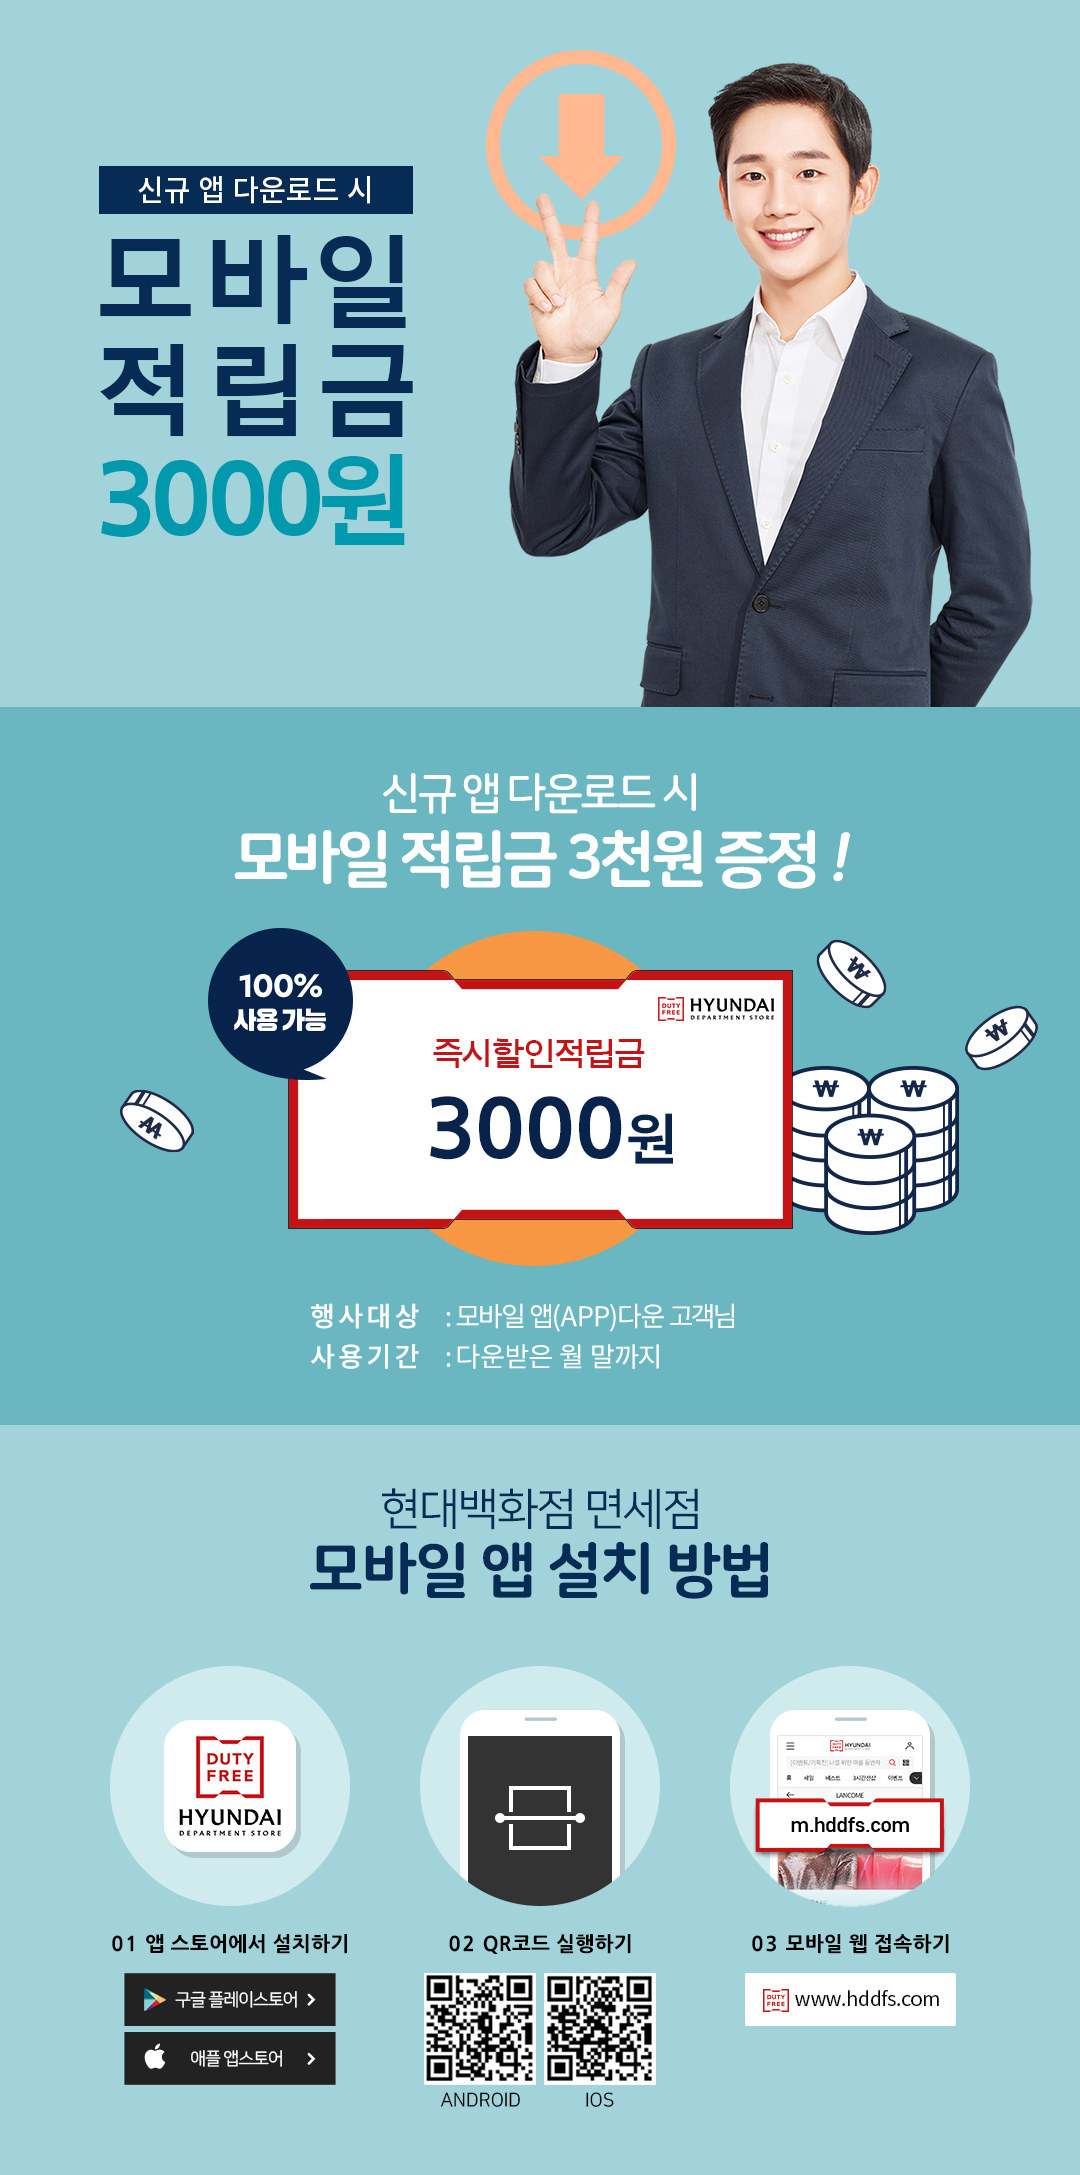 신규 앱 다운로드 시 3천원 모바일 적립금